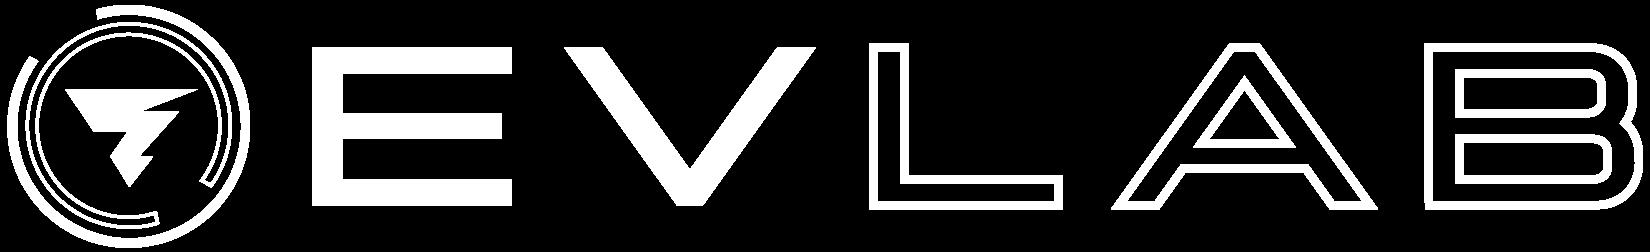 ev lab logo white